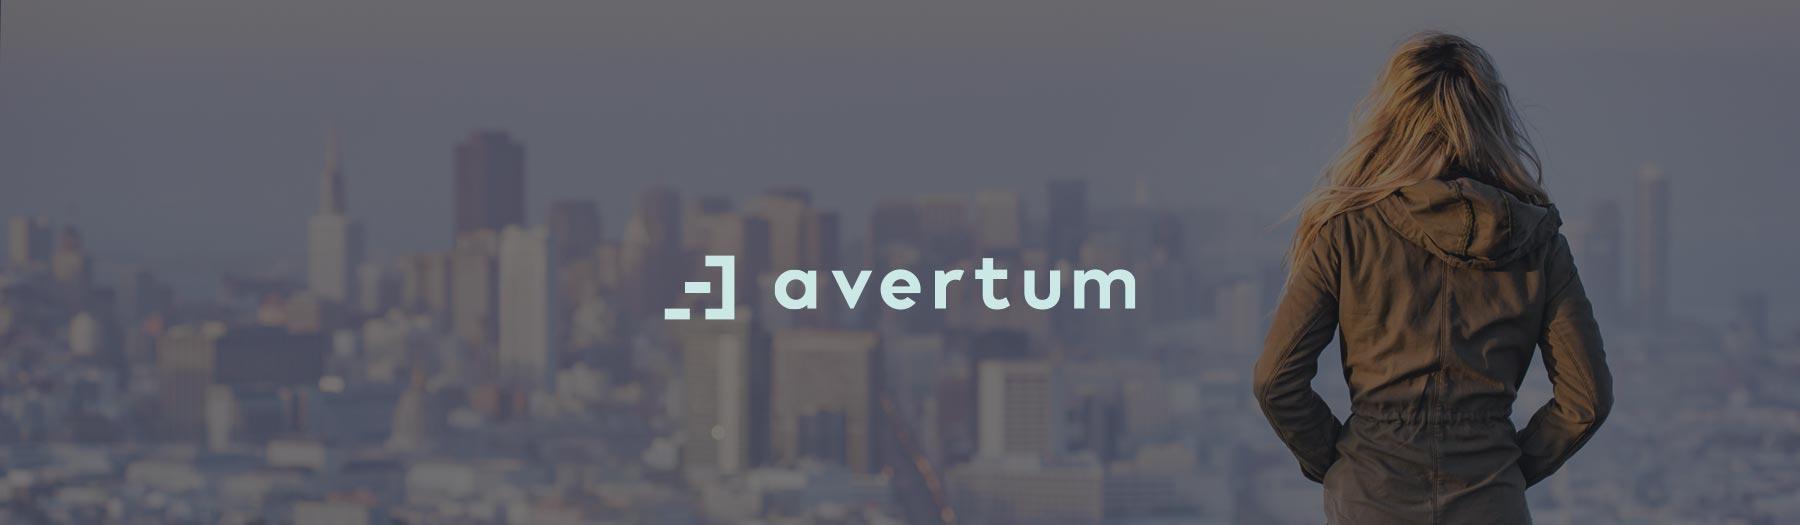 estrategia y creacion de la marca Avertum por la agencia Reaktiva